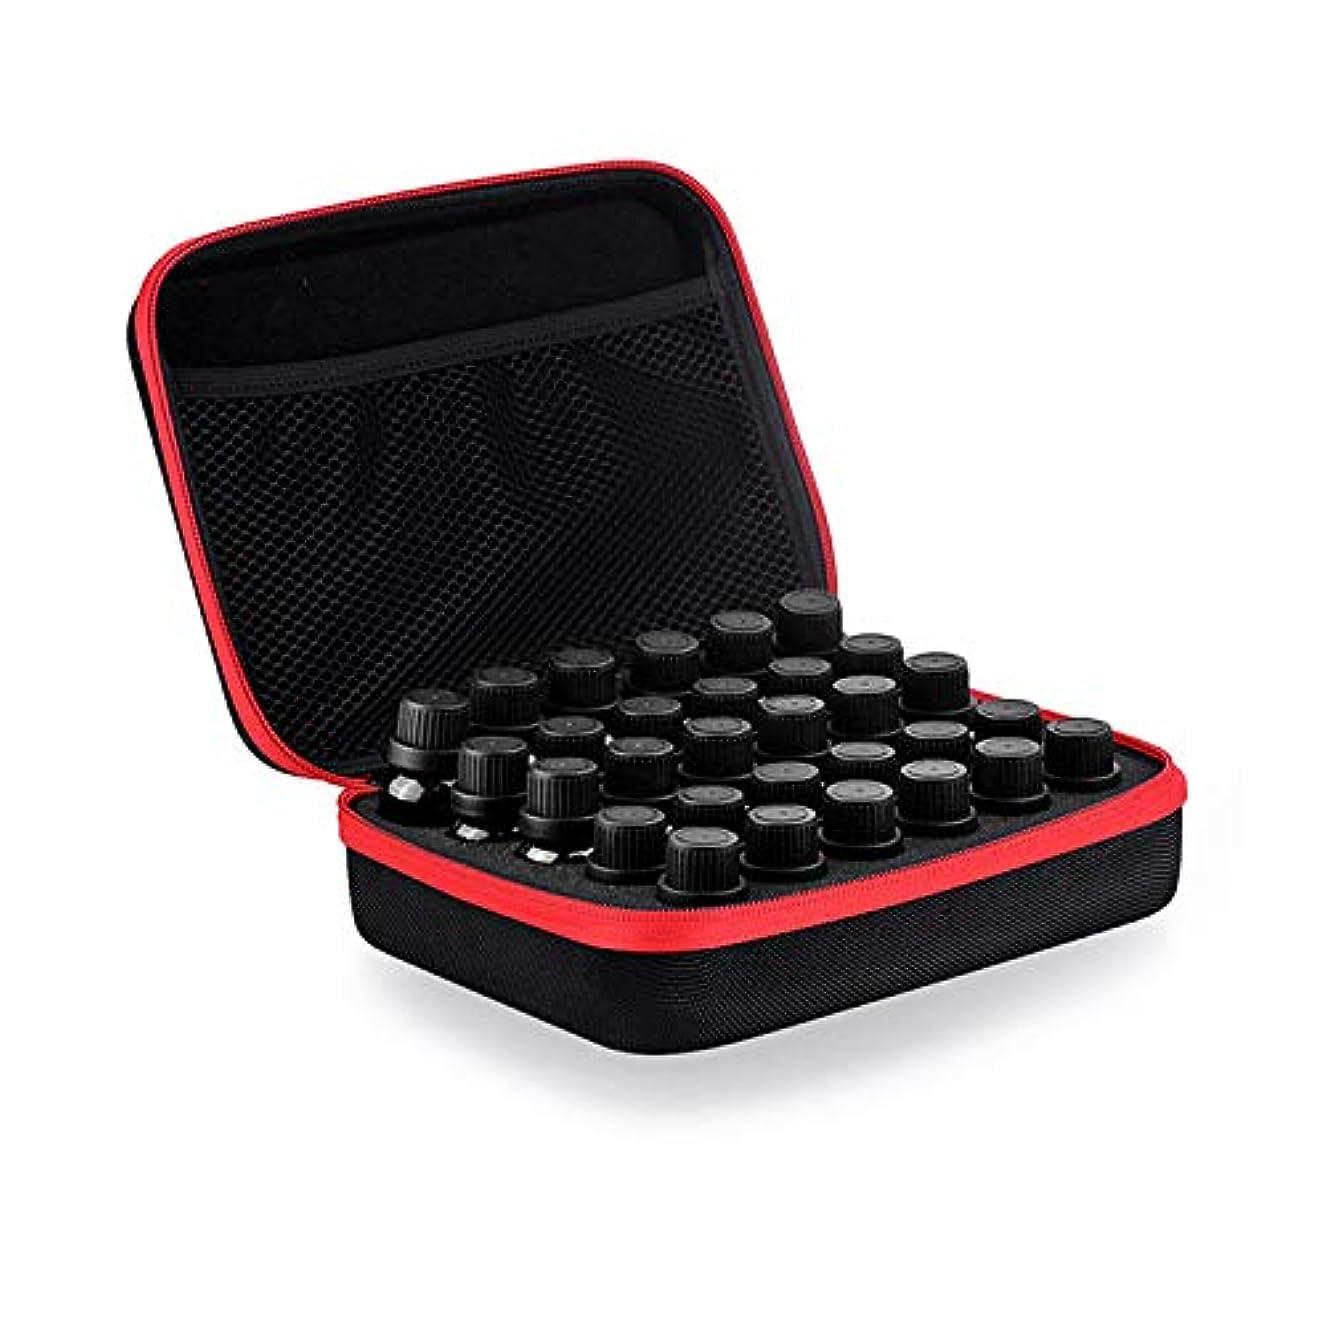 遺跡科学的厚くするCoteco 精油 ケース 化粧品袋30スロットボトルエッセンシャルオイルケース用保護5/10/15ミリリットルローラーエッセンシャルオイルバッグ 旅行 キャリング 収納オーガナイザー (赤)